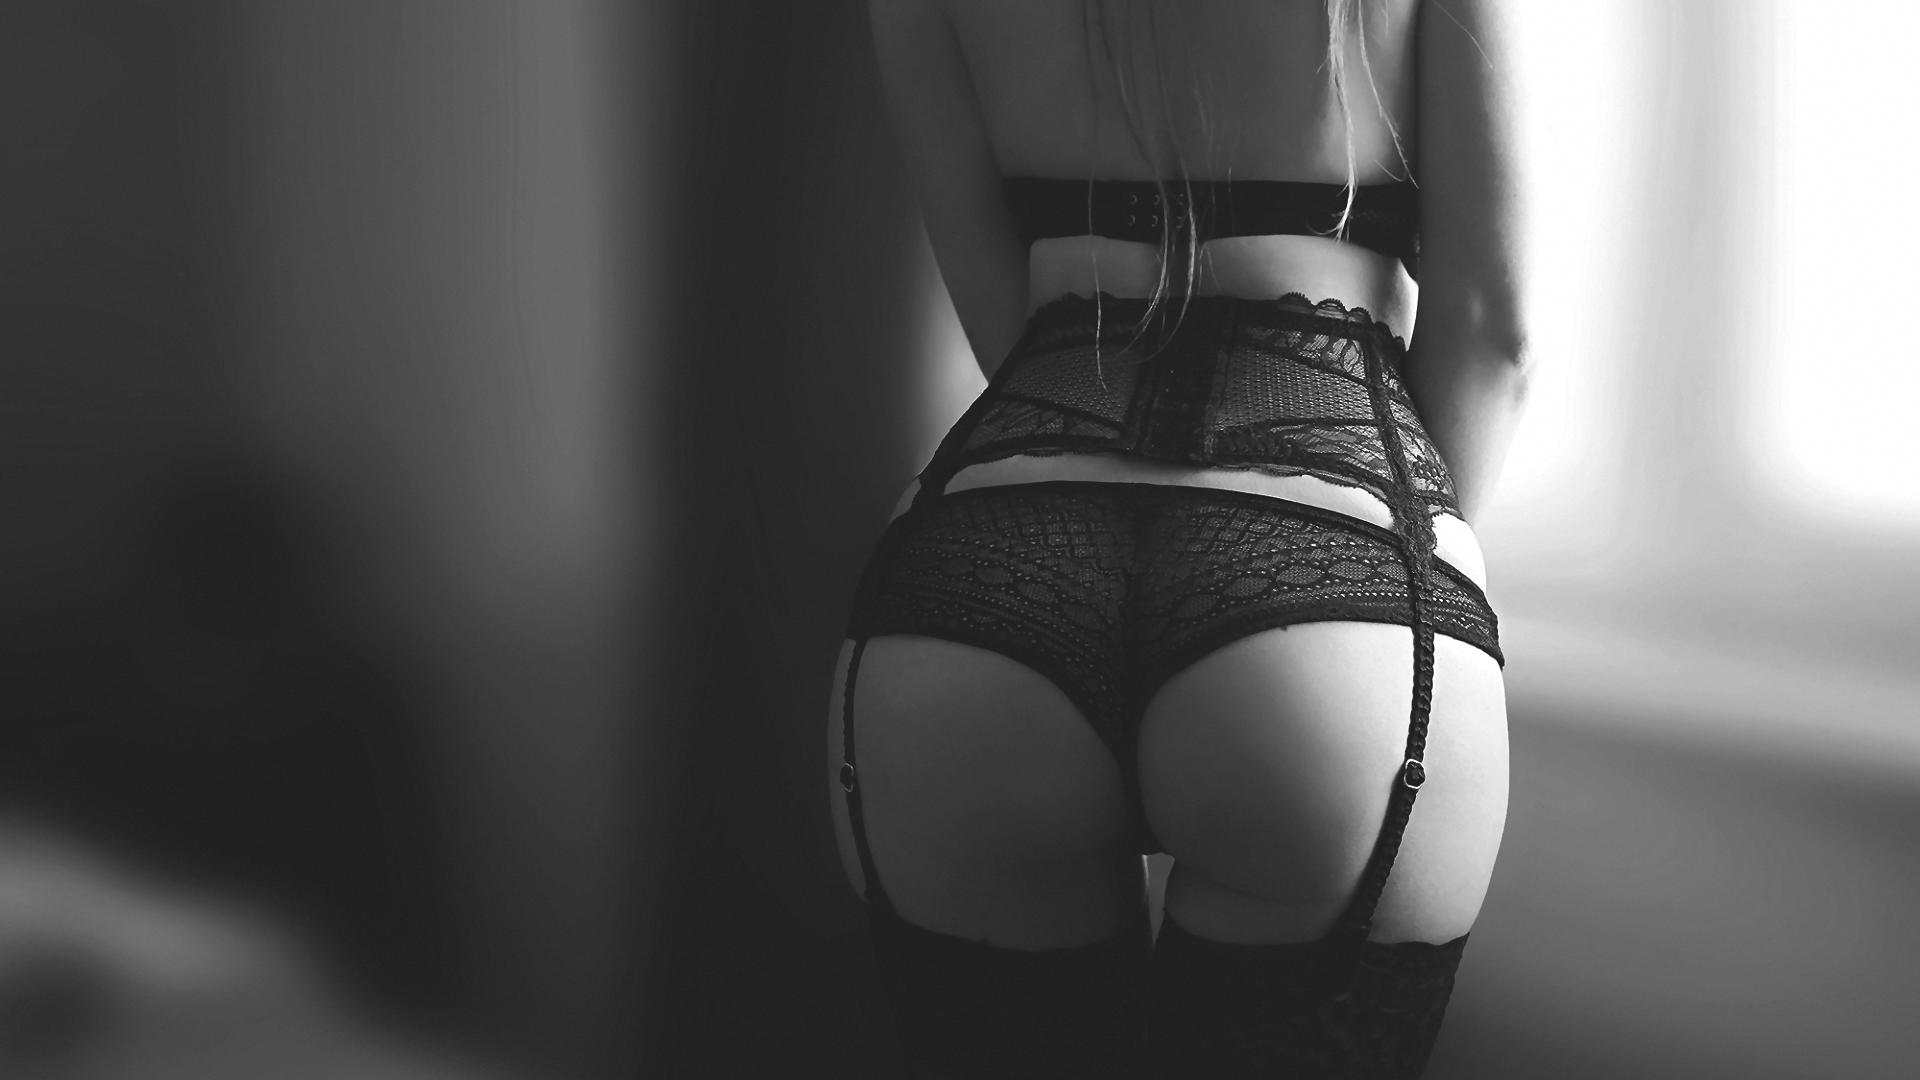 Красивые попки черно-белое фото, смотреть клипы про порно